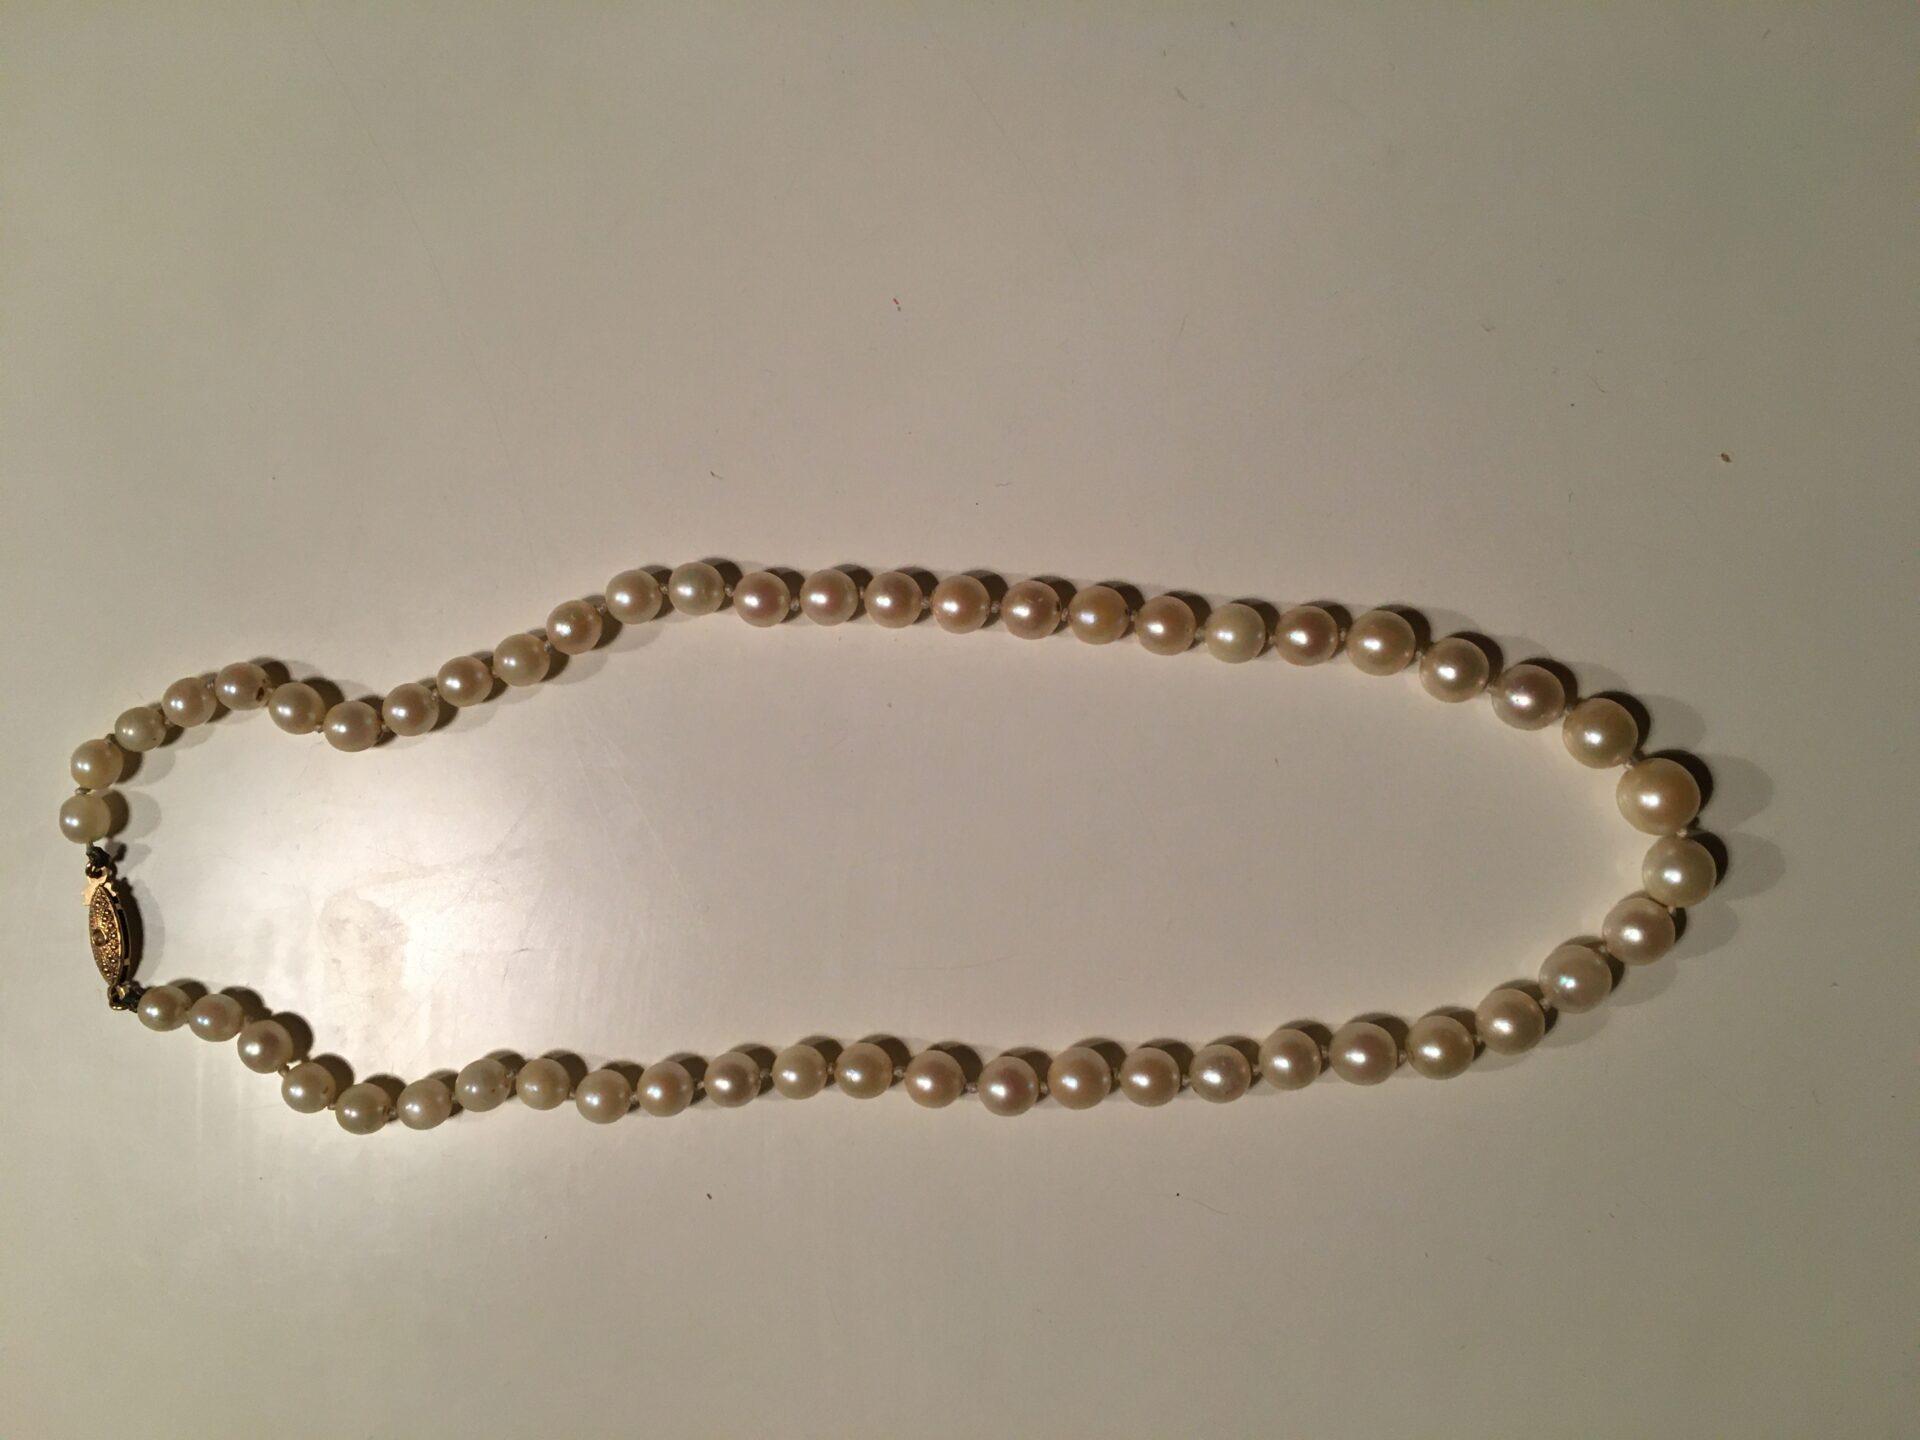 Perlekæde med lås af 18  karat guld (stemplet 750), perler i forløb,l=42 cm, pris 1200kr